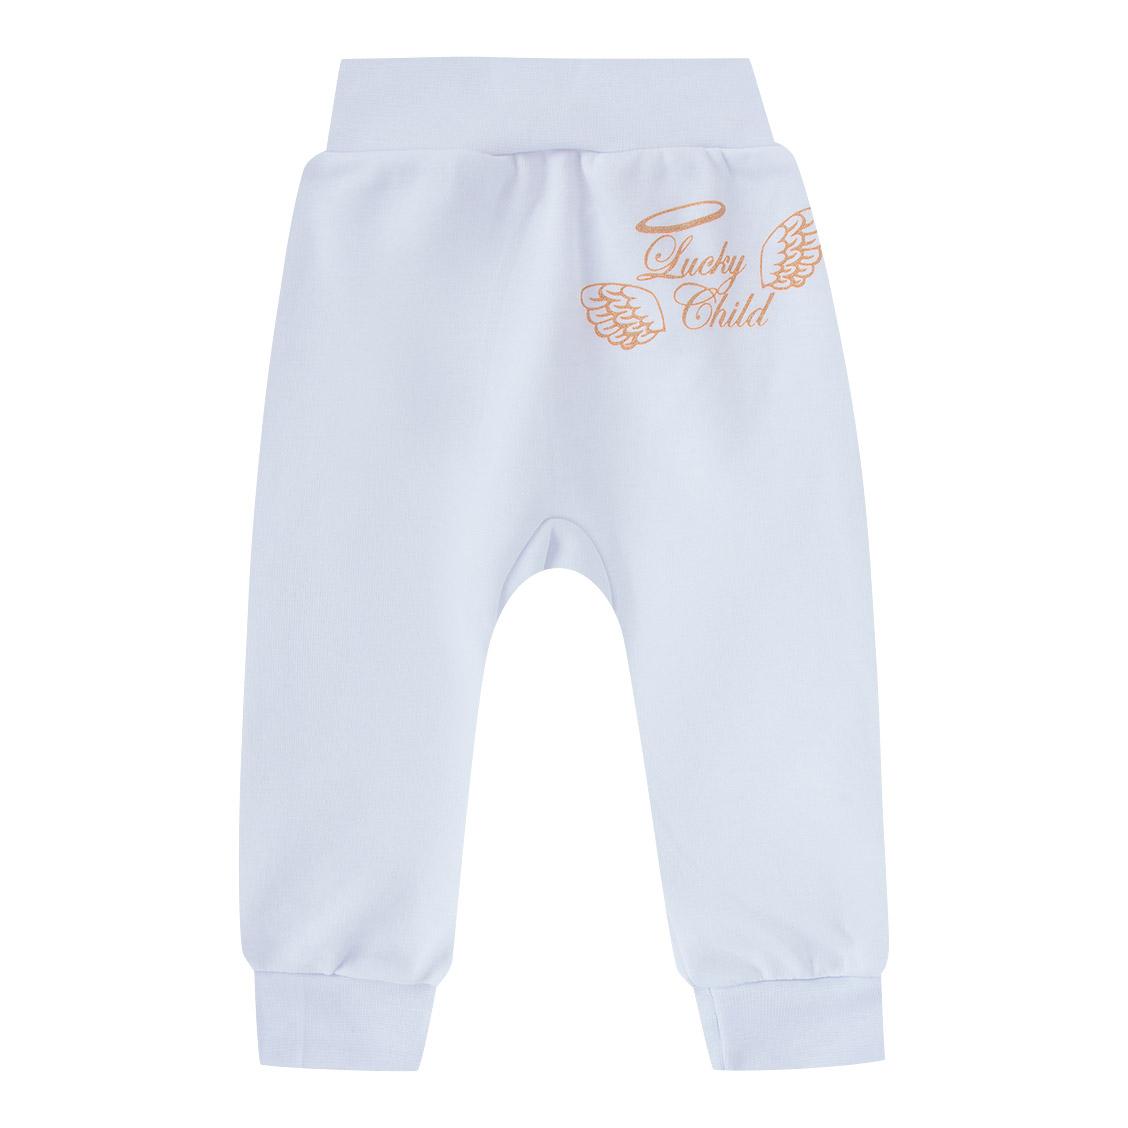 Купить Штанишки Lucky Child Ангелочки белые 68-74, Белый, Интерлок, Осень-Зима, Одежда для новорожденных